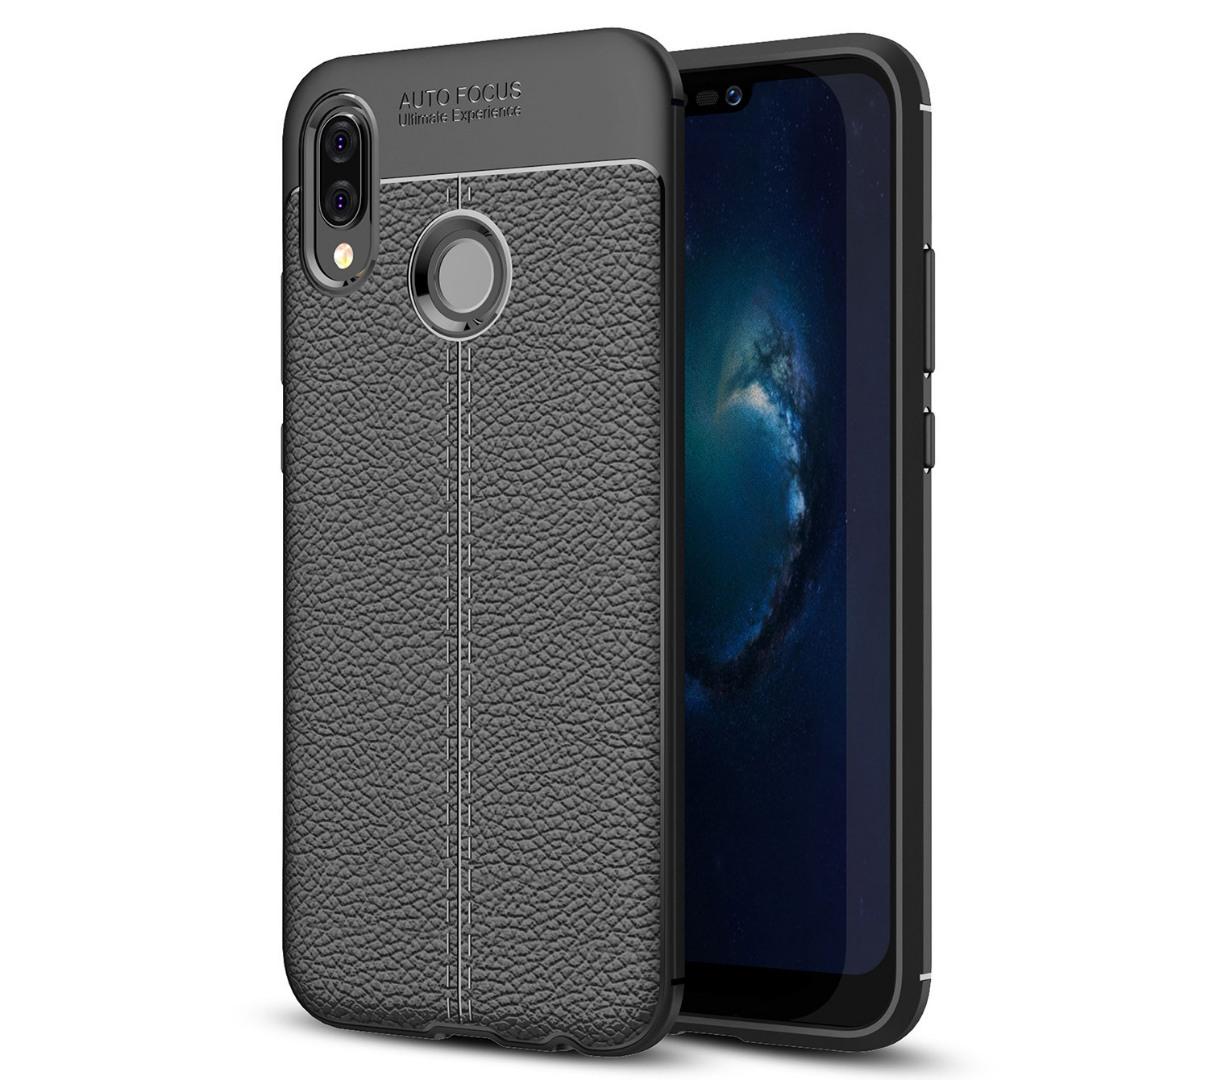 Husa silicon + TPU cu model piele, back cover, Huawei P20 Lite - CaseME, Negru